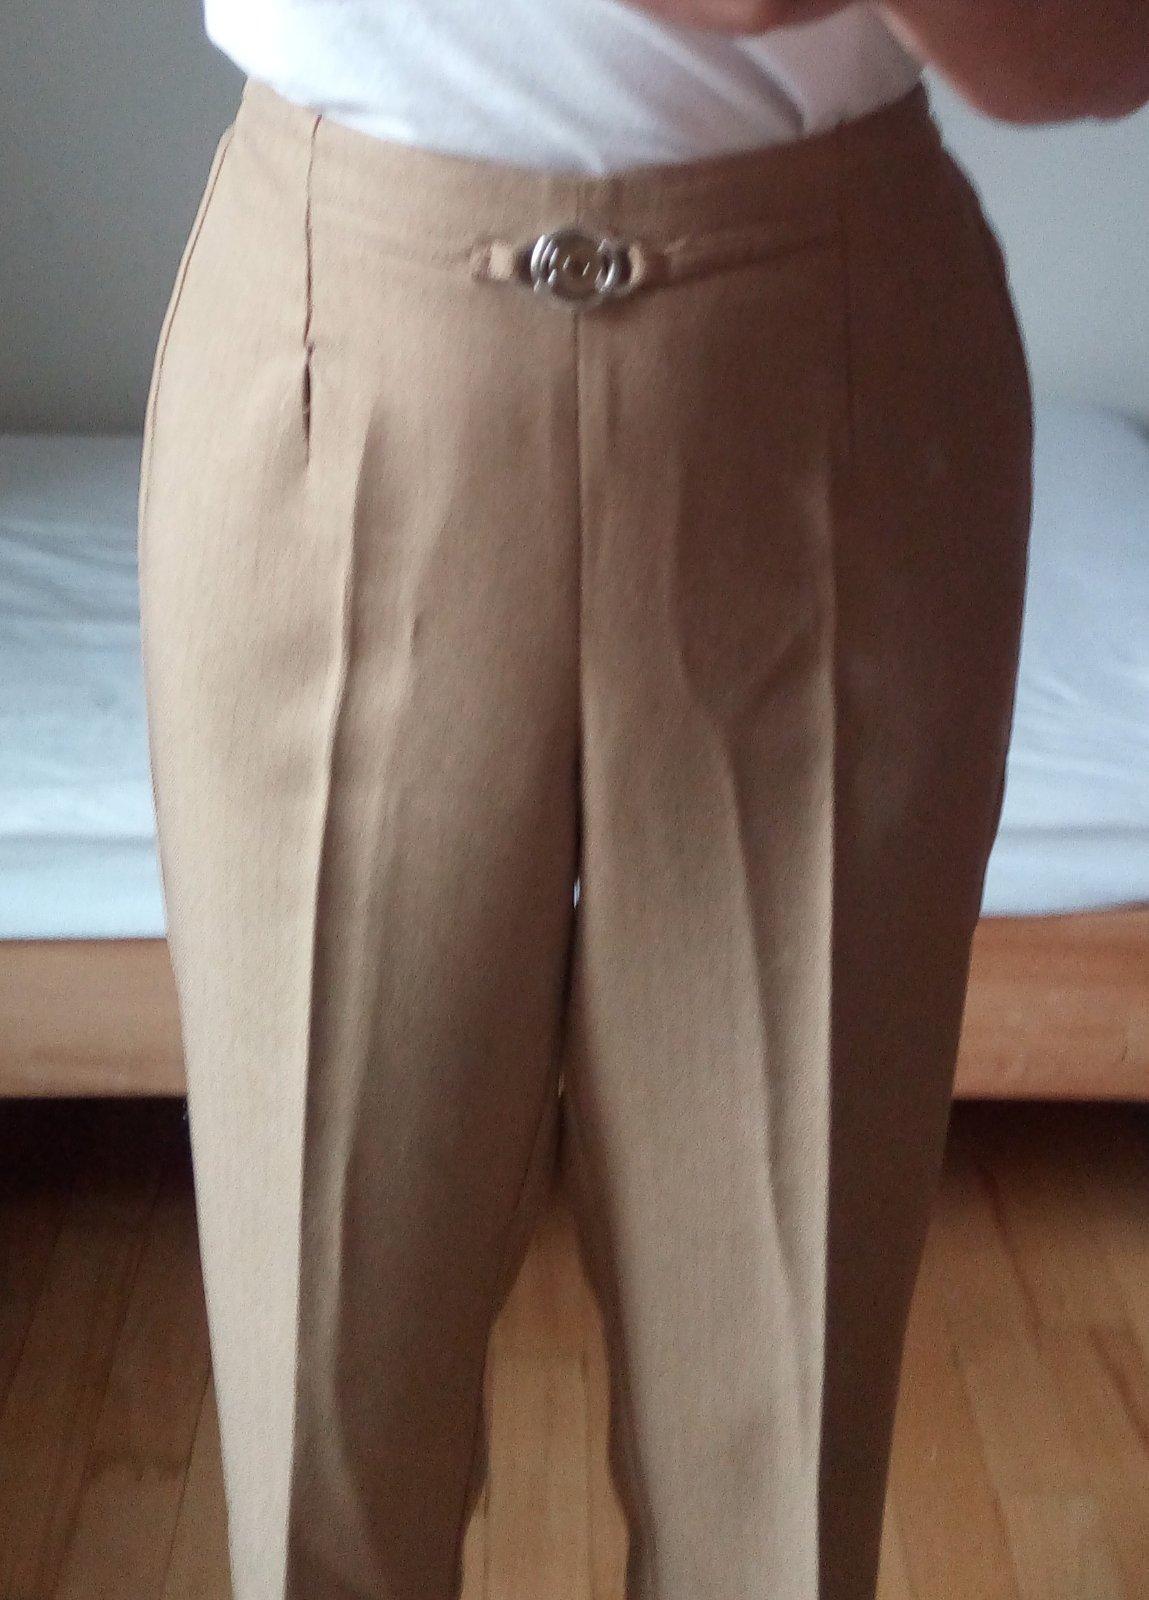 Hnedé elegantné nohavice S/M - Obrázok č. 4